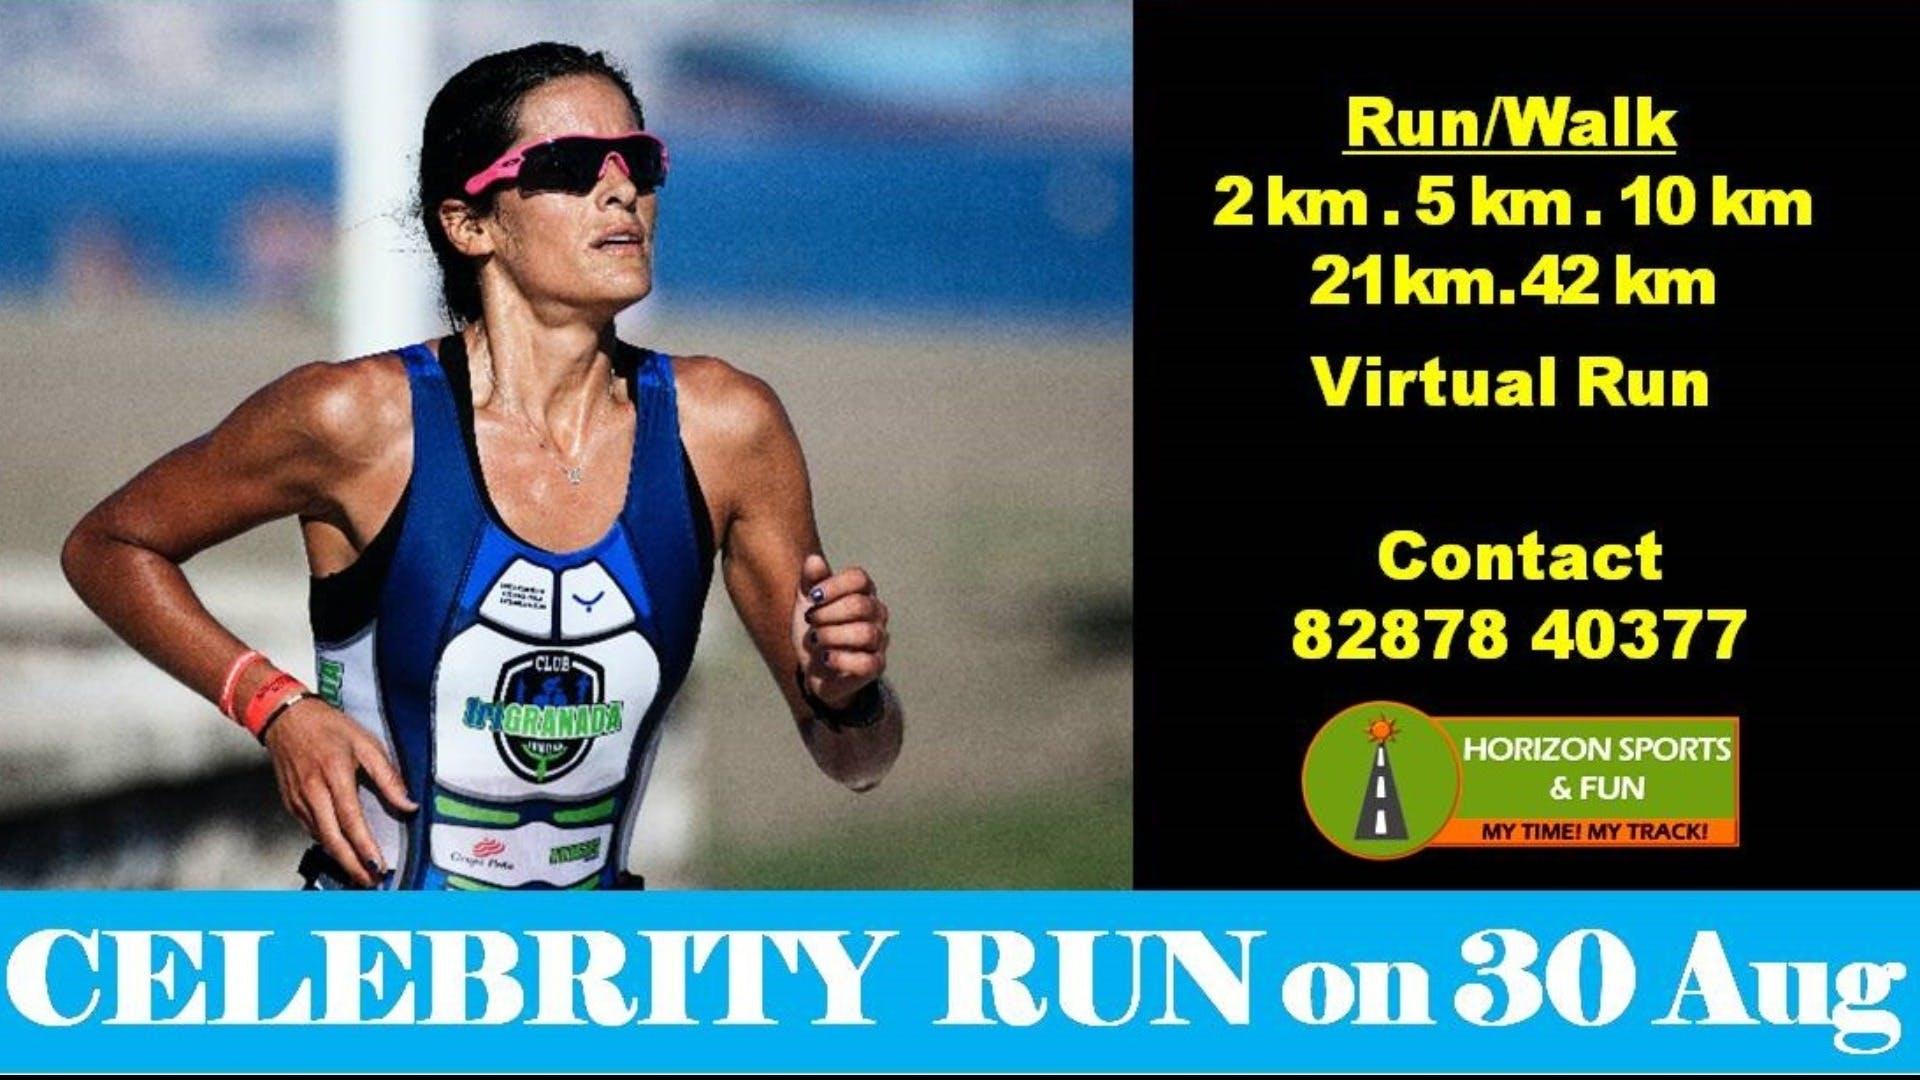 Celebrity Run